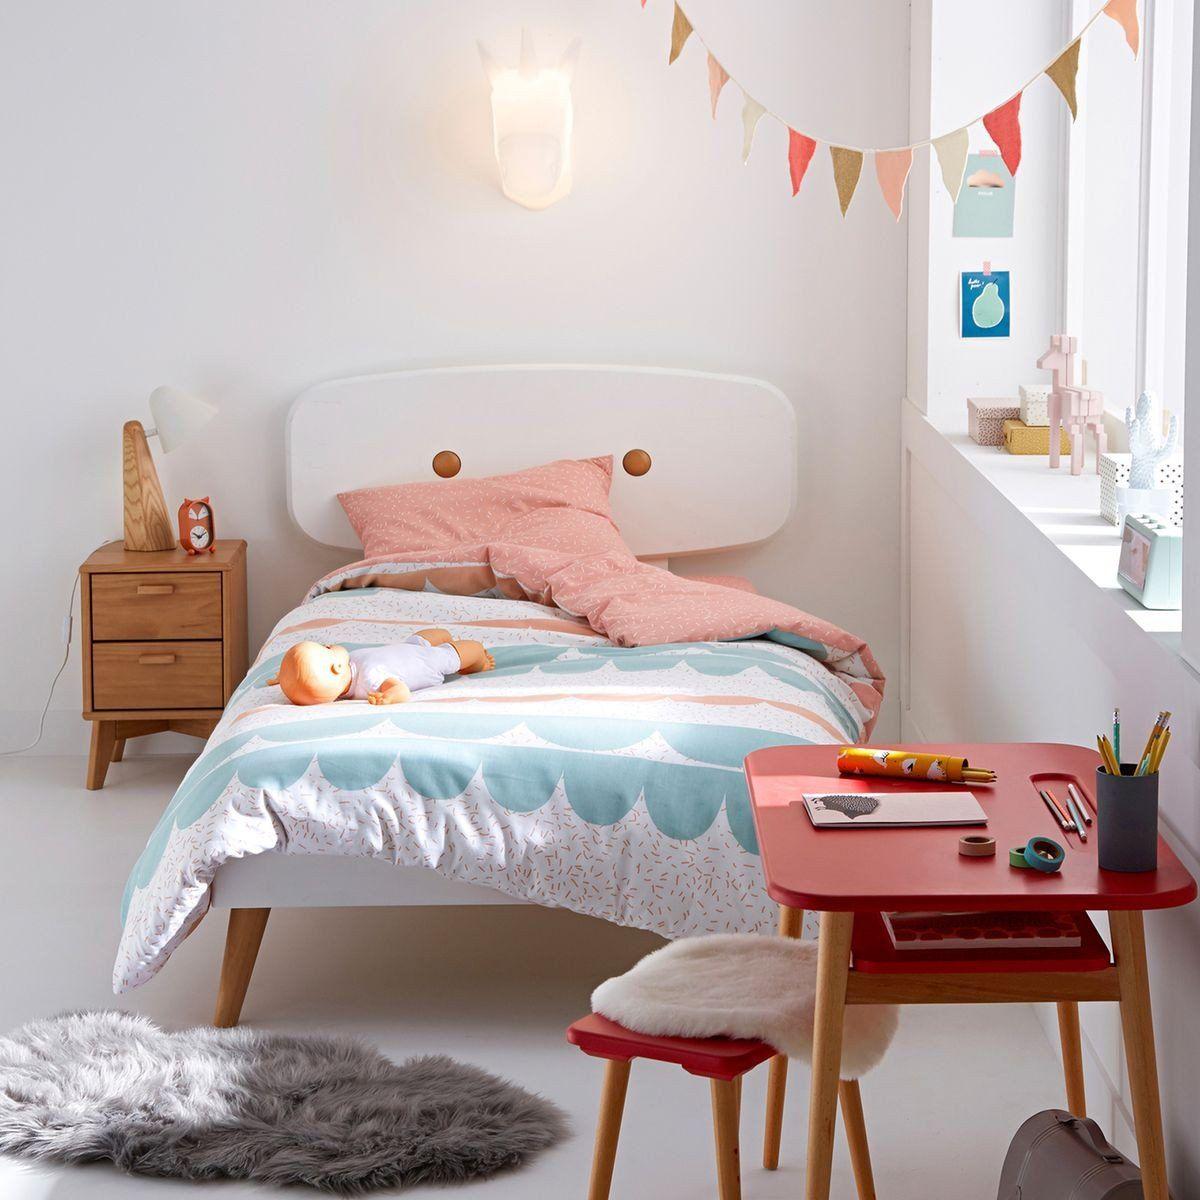 un lit pour enfant avec tte de lit scandinave blanc et pied en bois cette - Lit Scandinave Enfant